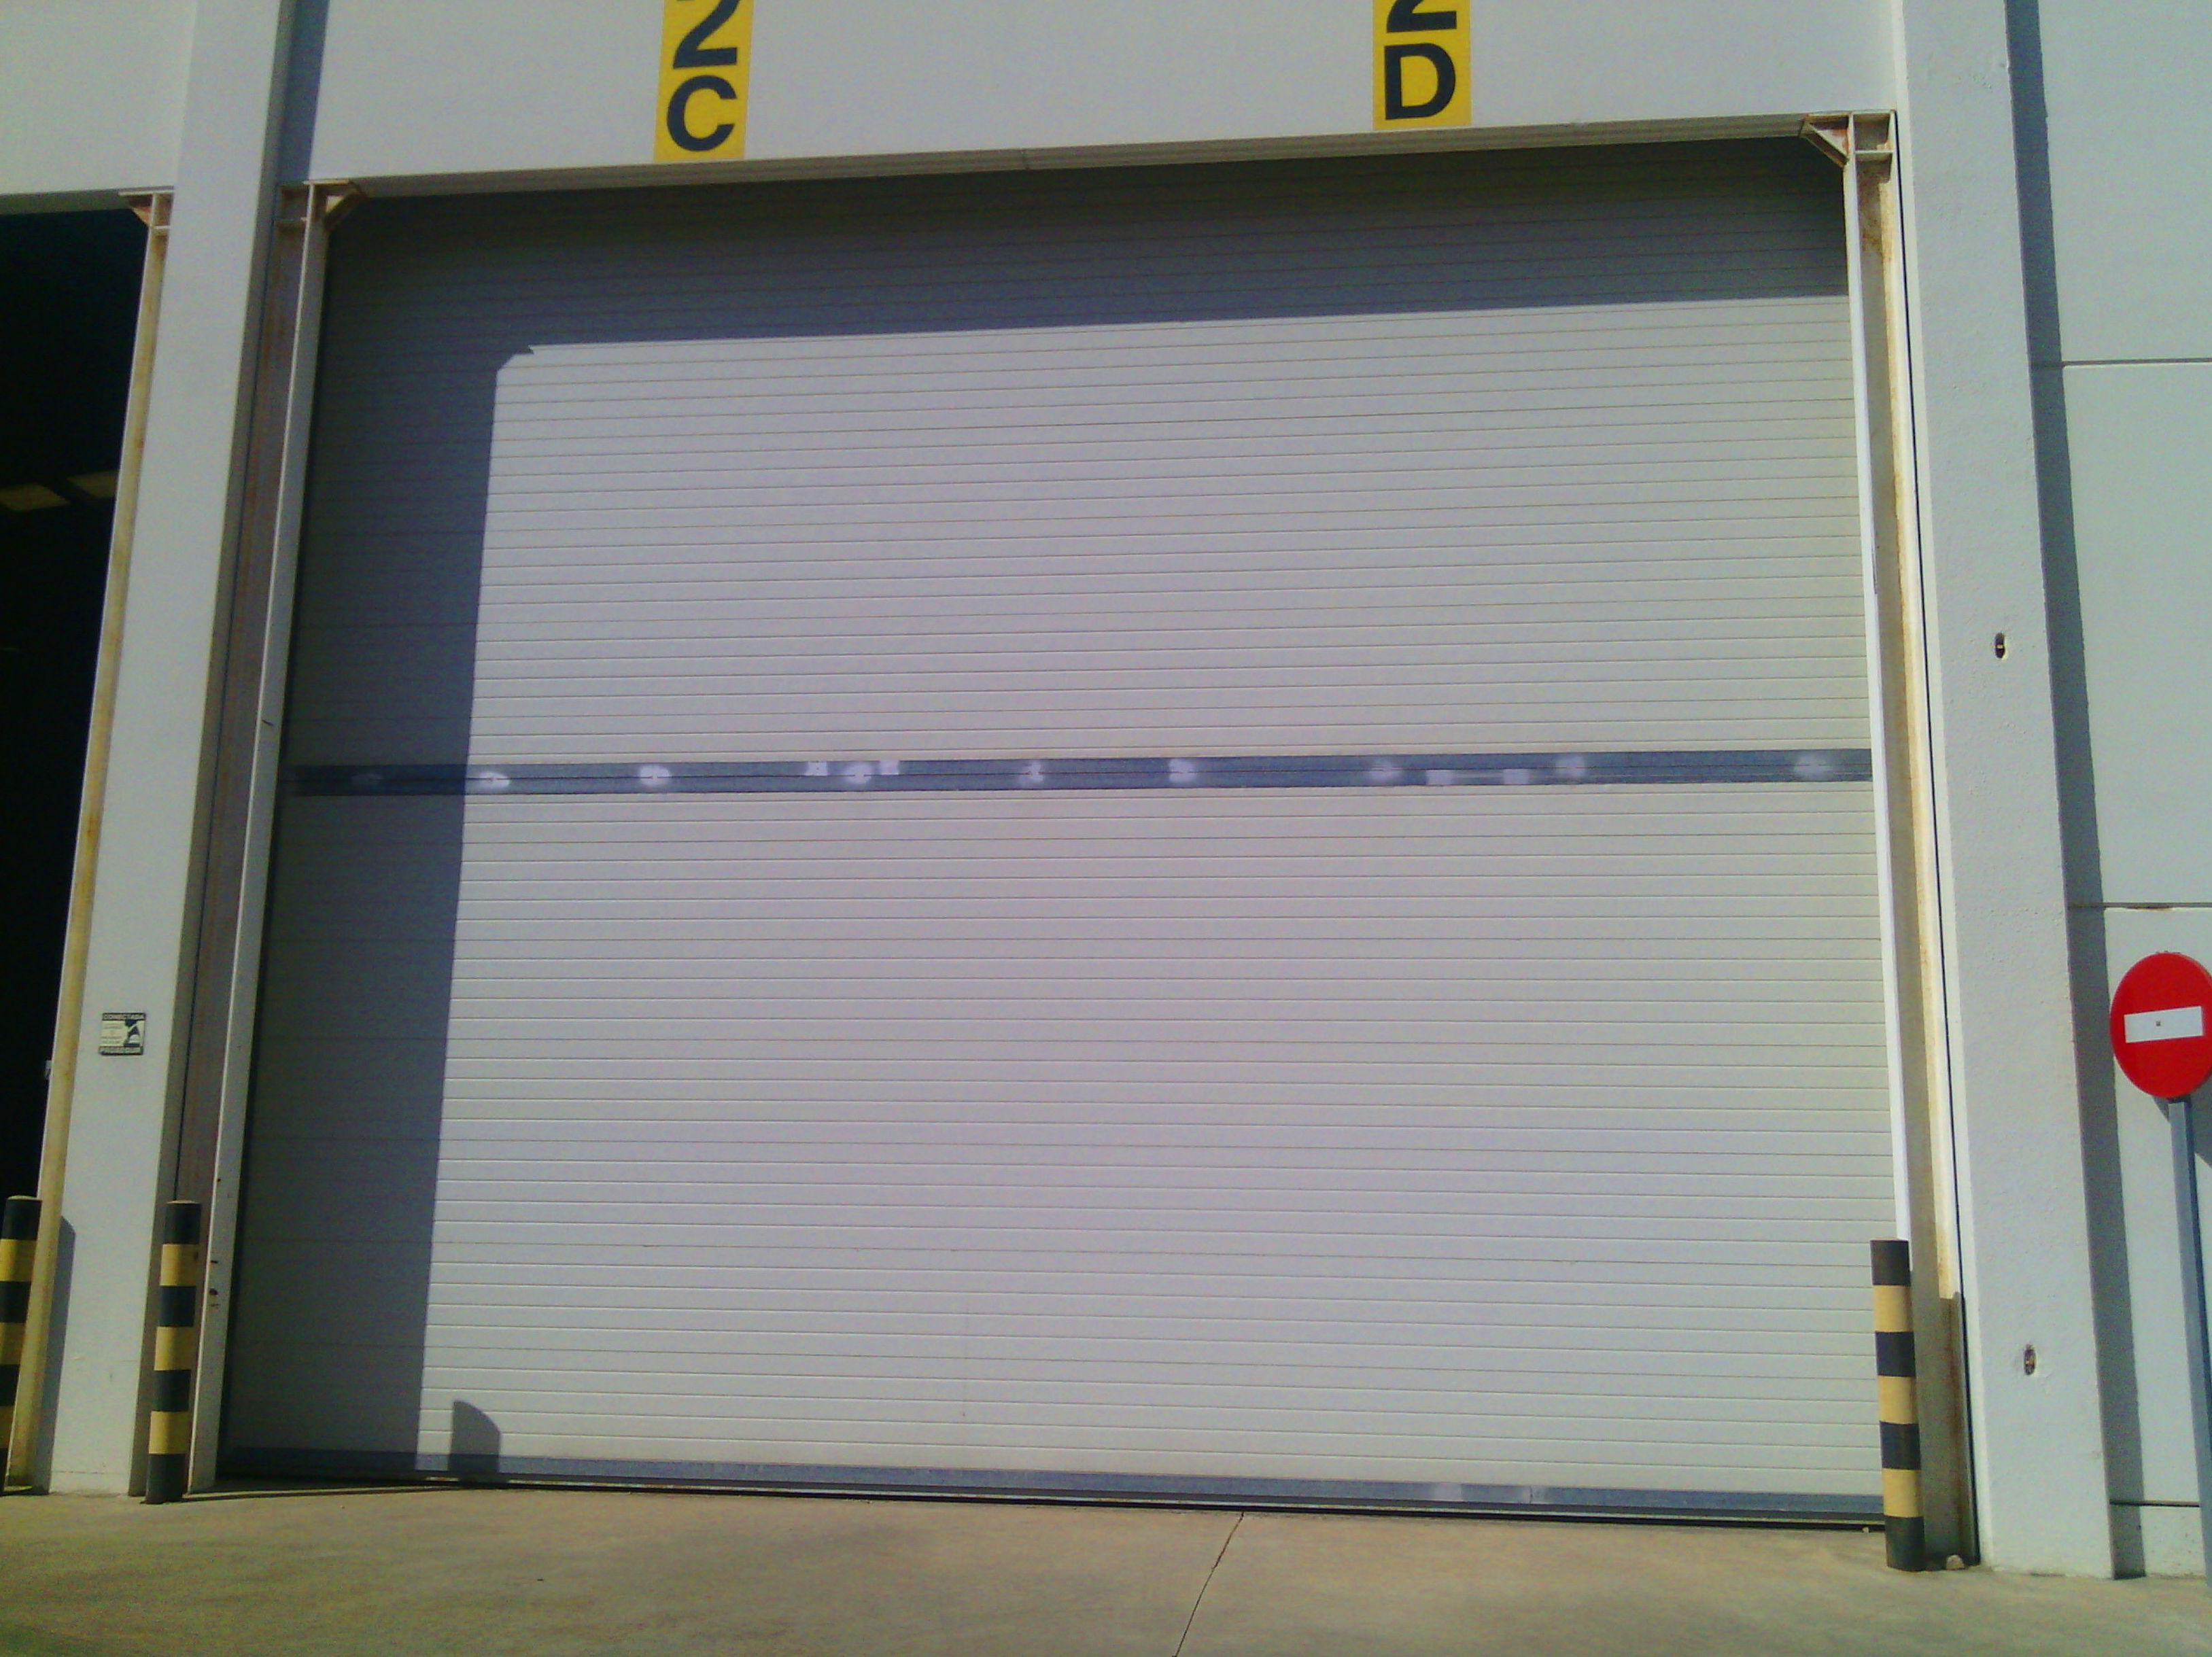 Puerta corredera industrial de panel de sándwich térmico y aislante